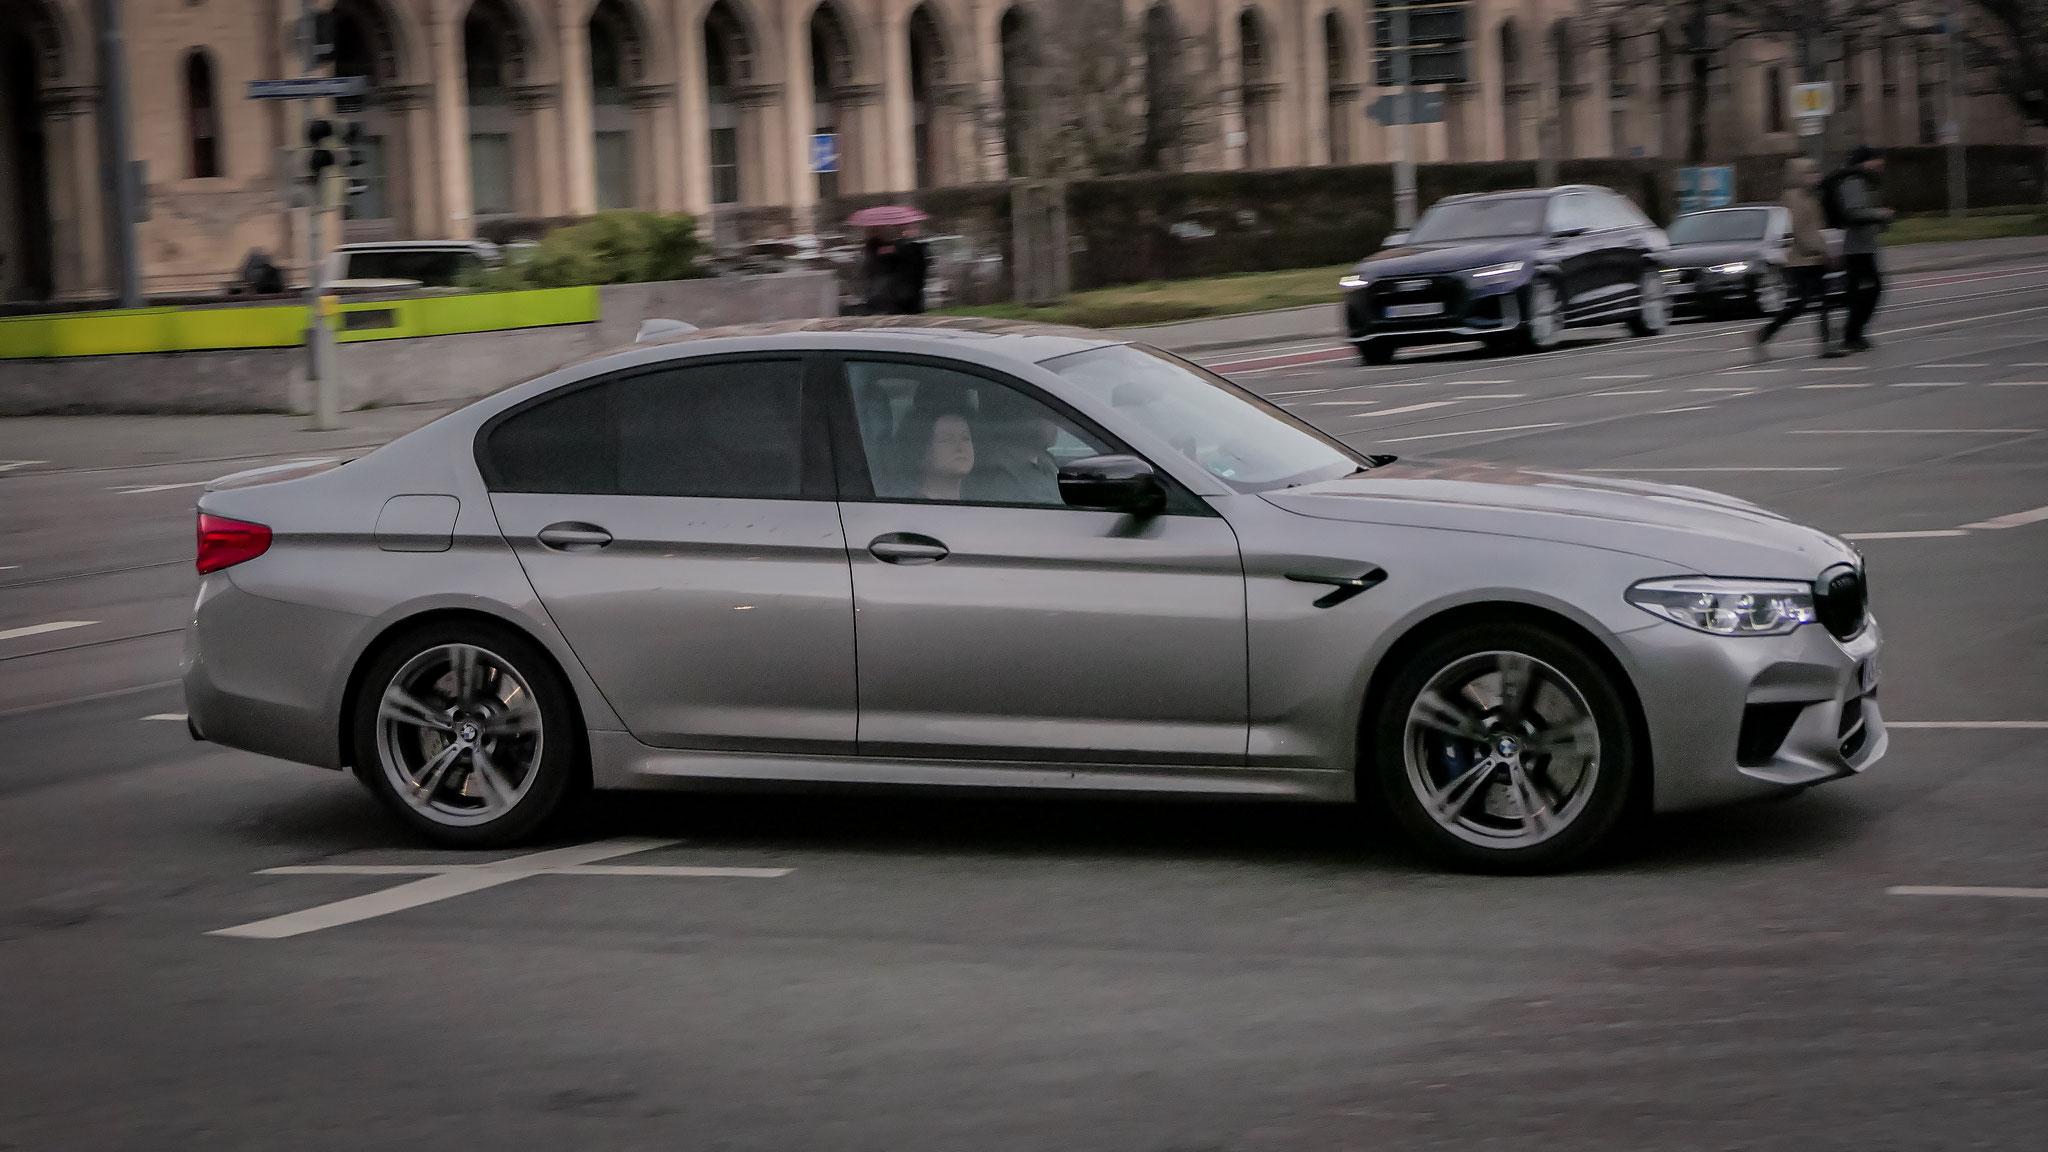 BMW M5 - WS-MI-5